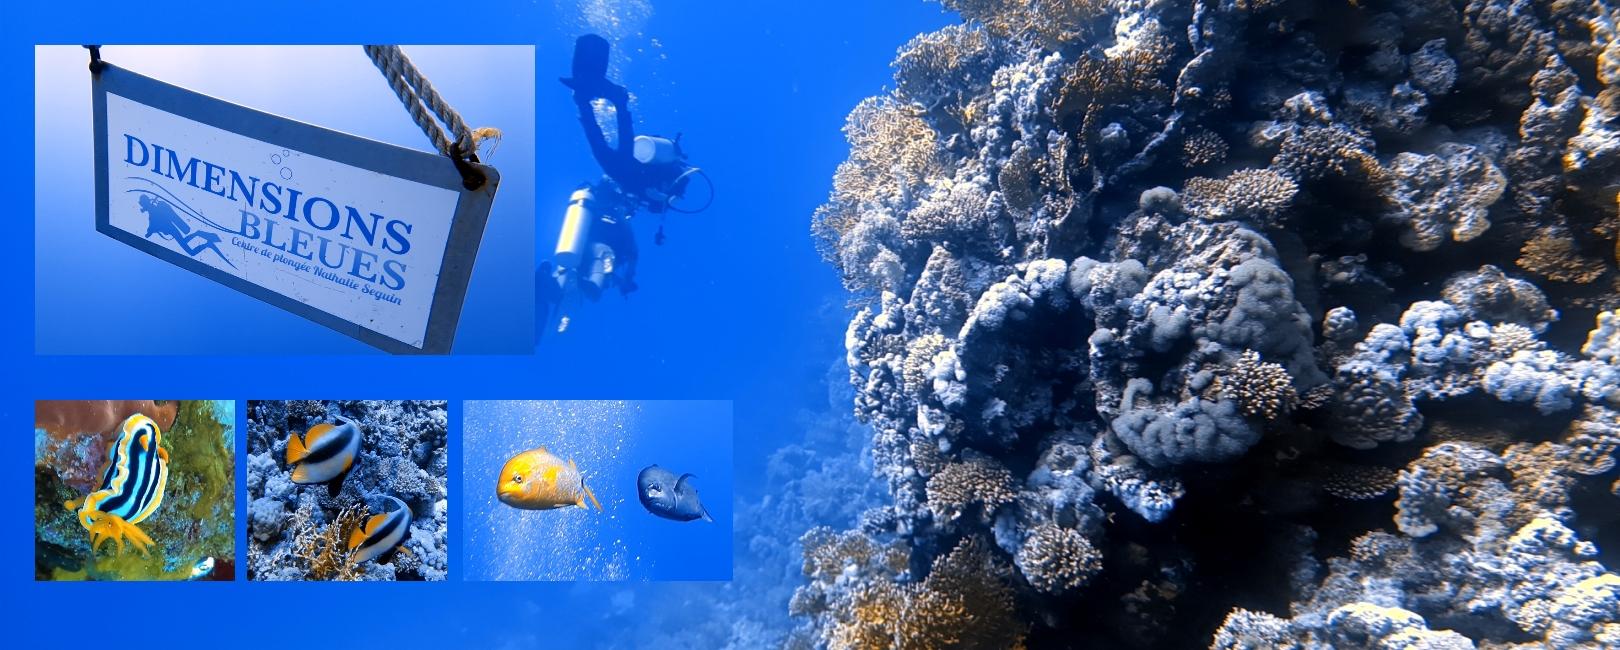 Centre de plongée en Egypte - les plus belles plongées de Safaga. Sécurité et convivialité : chez Dimensions Bleues